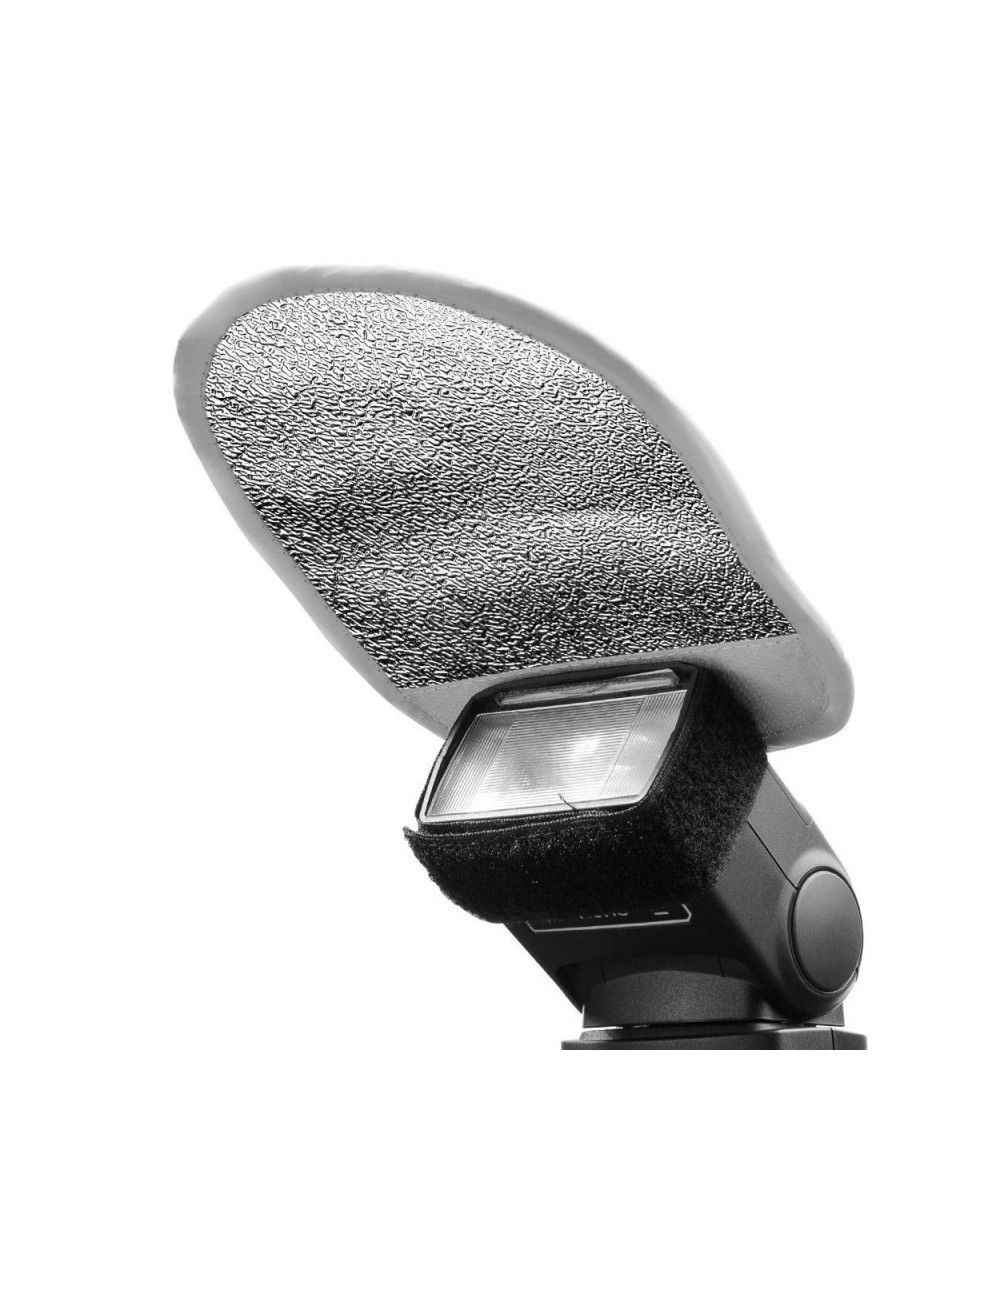 Manfrotto Pro Light Bumblebee-230 Mochila de Gran Tamaño y Muy Confortable